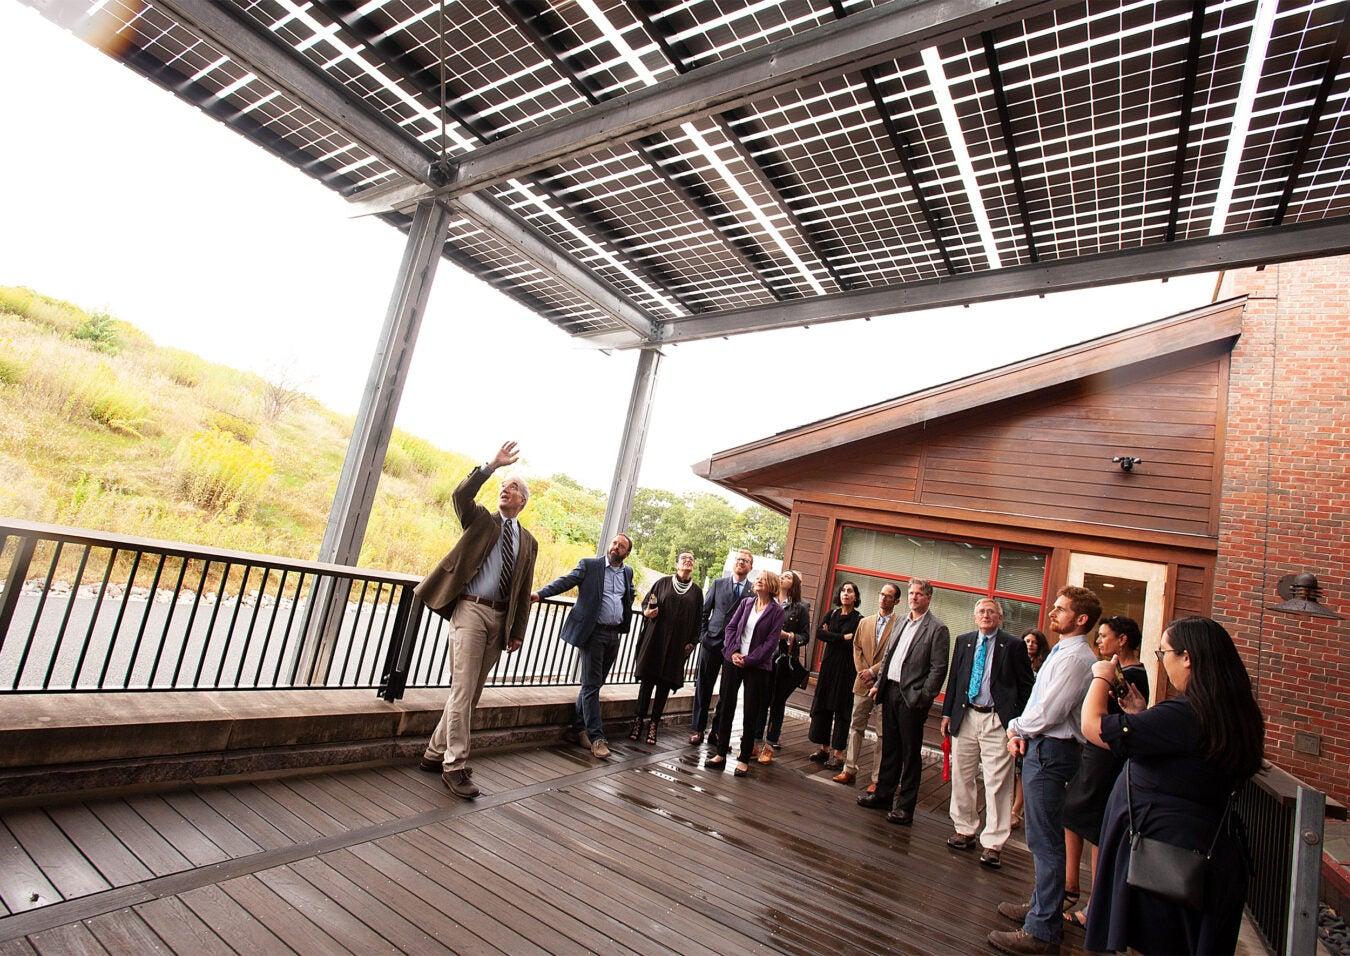 Solar awning at Arboretum